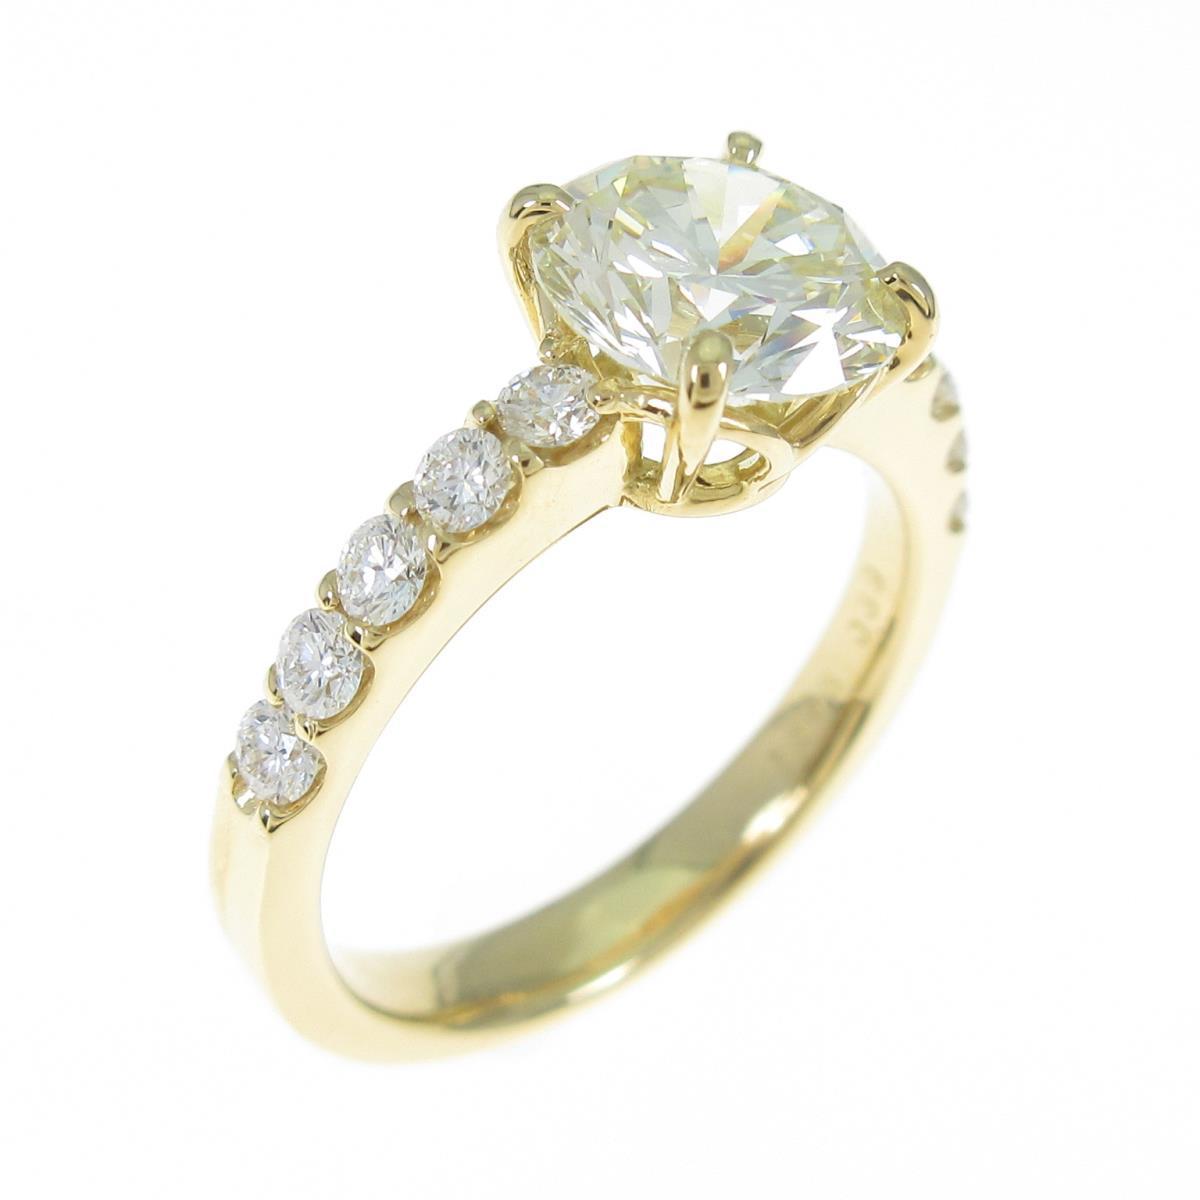 【リメイク】K18YG ダイヤモンドリング 1.556ct・VLY・VS2・GOOD【中古】